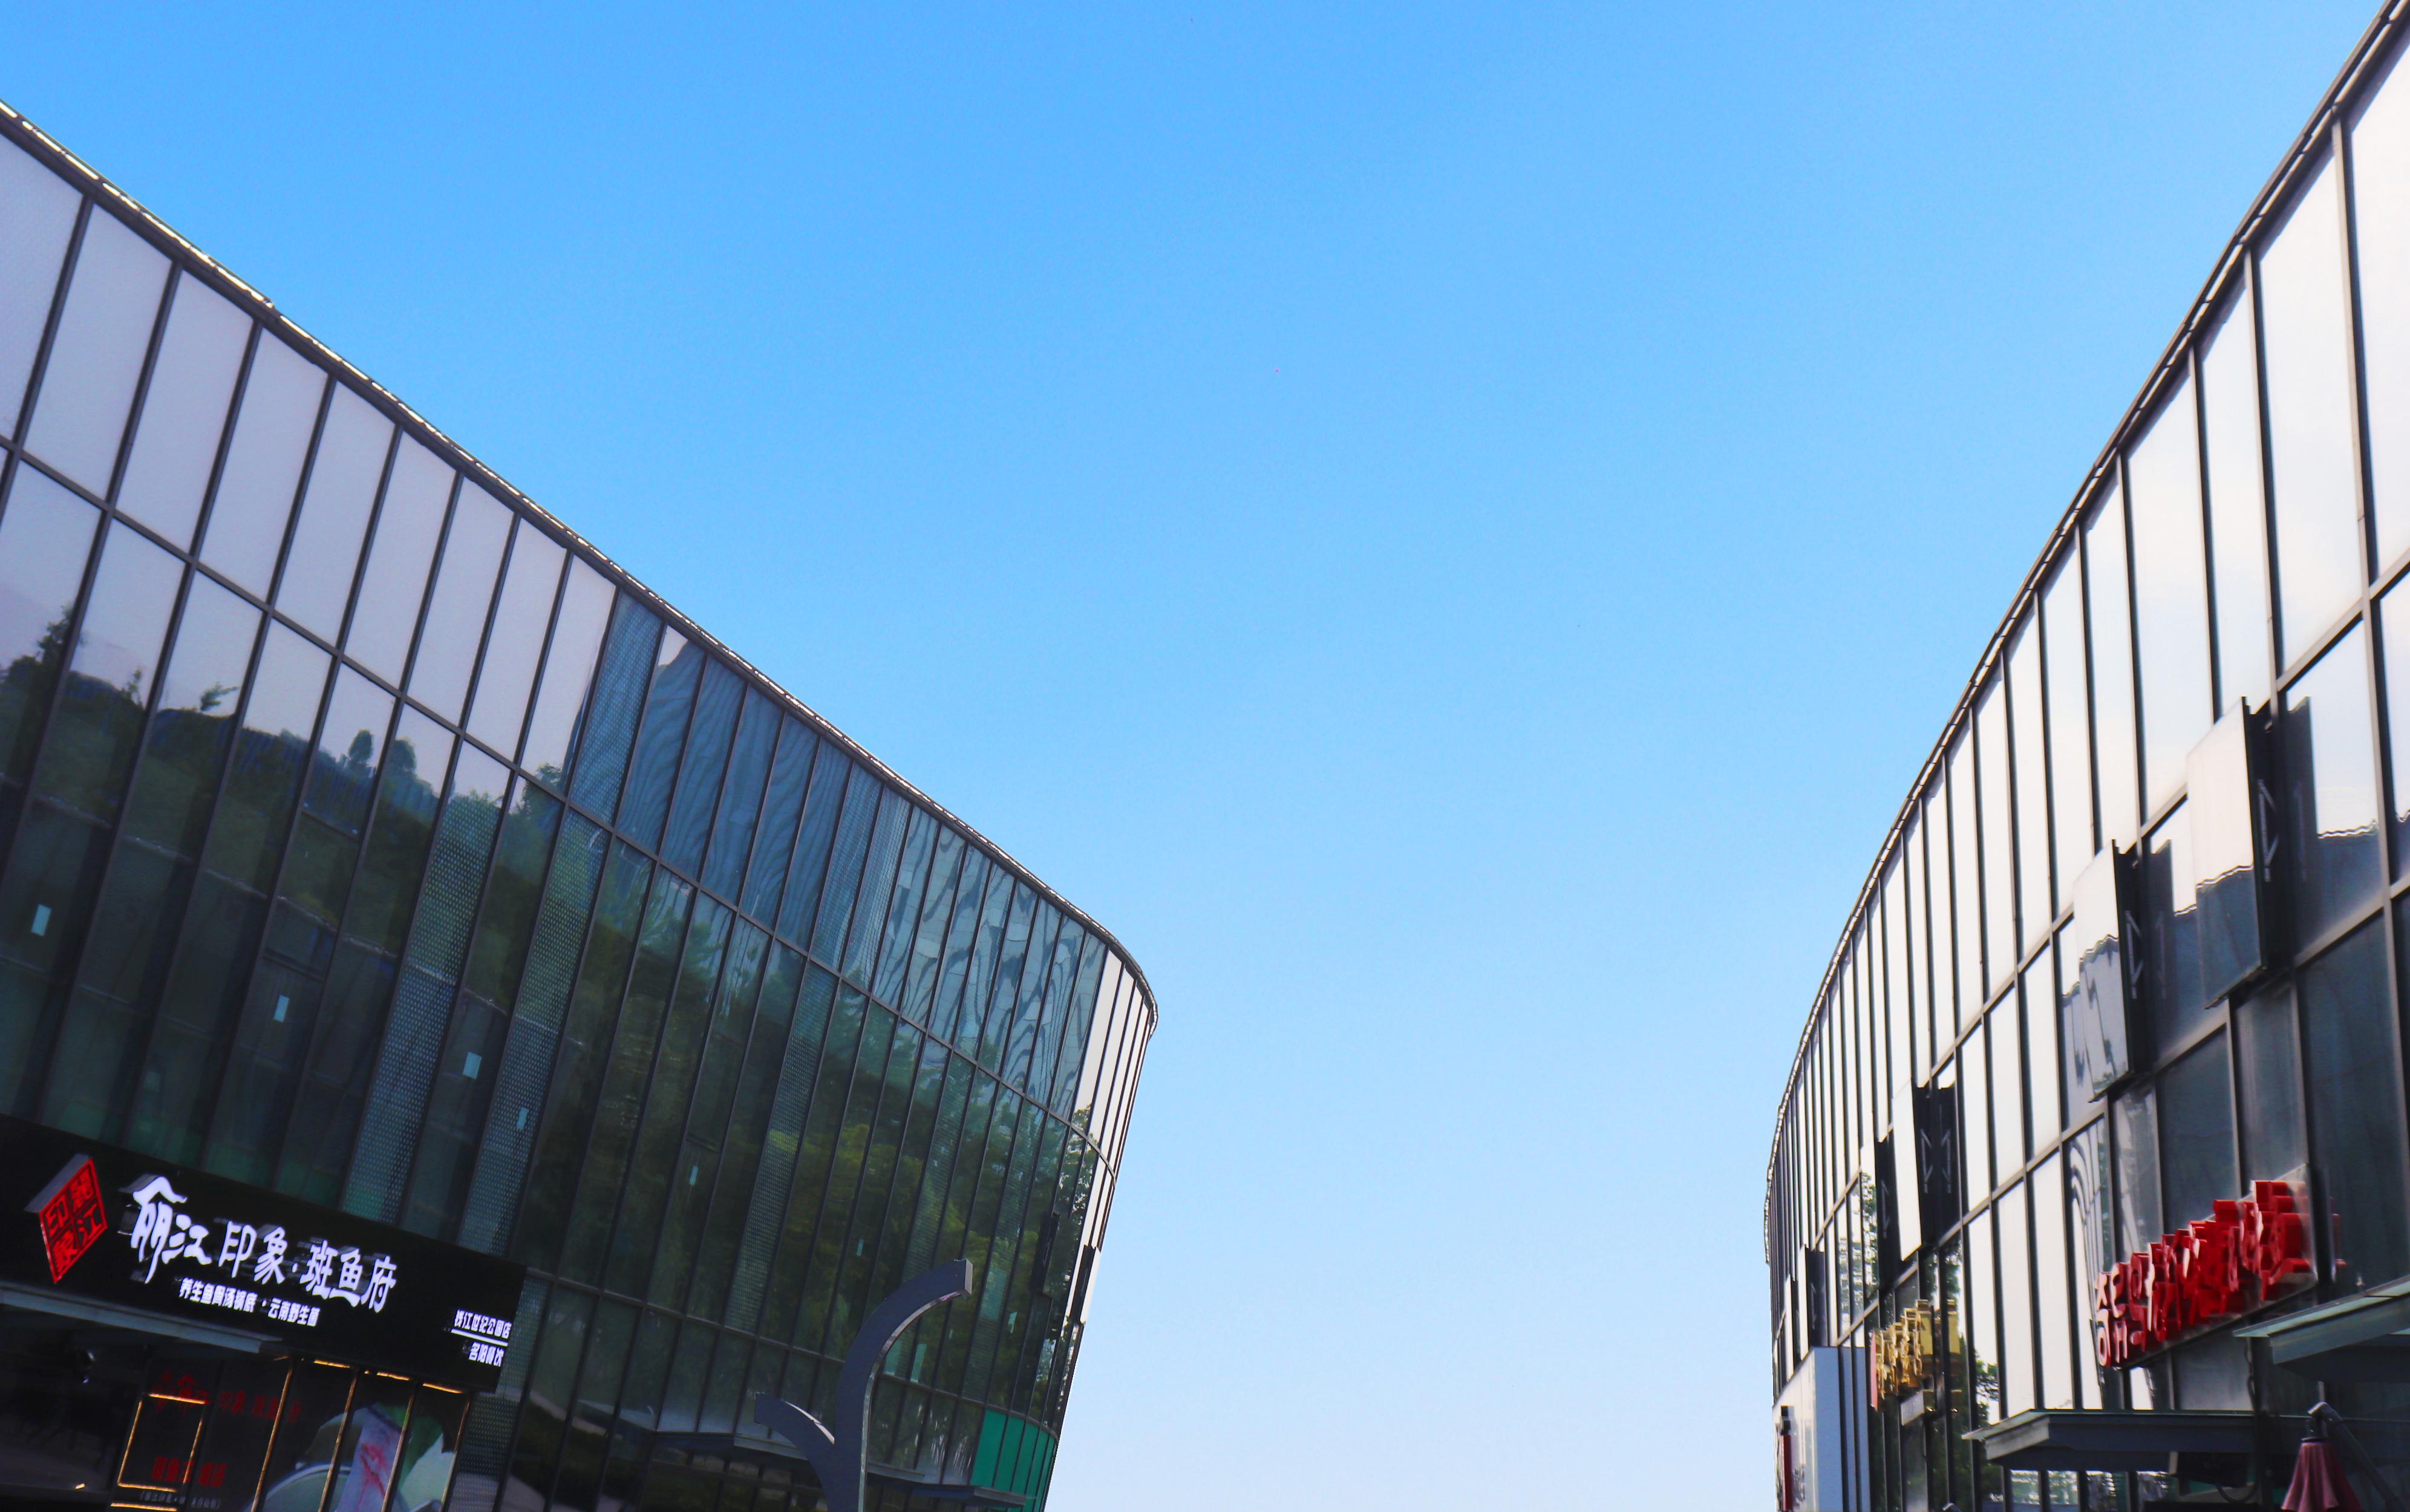 胡潤世界500強發布 賽默飛、安捷倫等儀器企業上榜